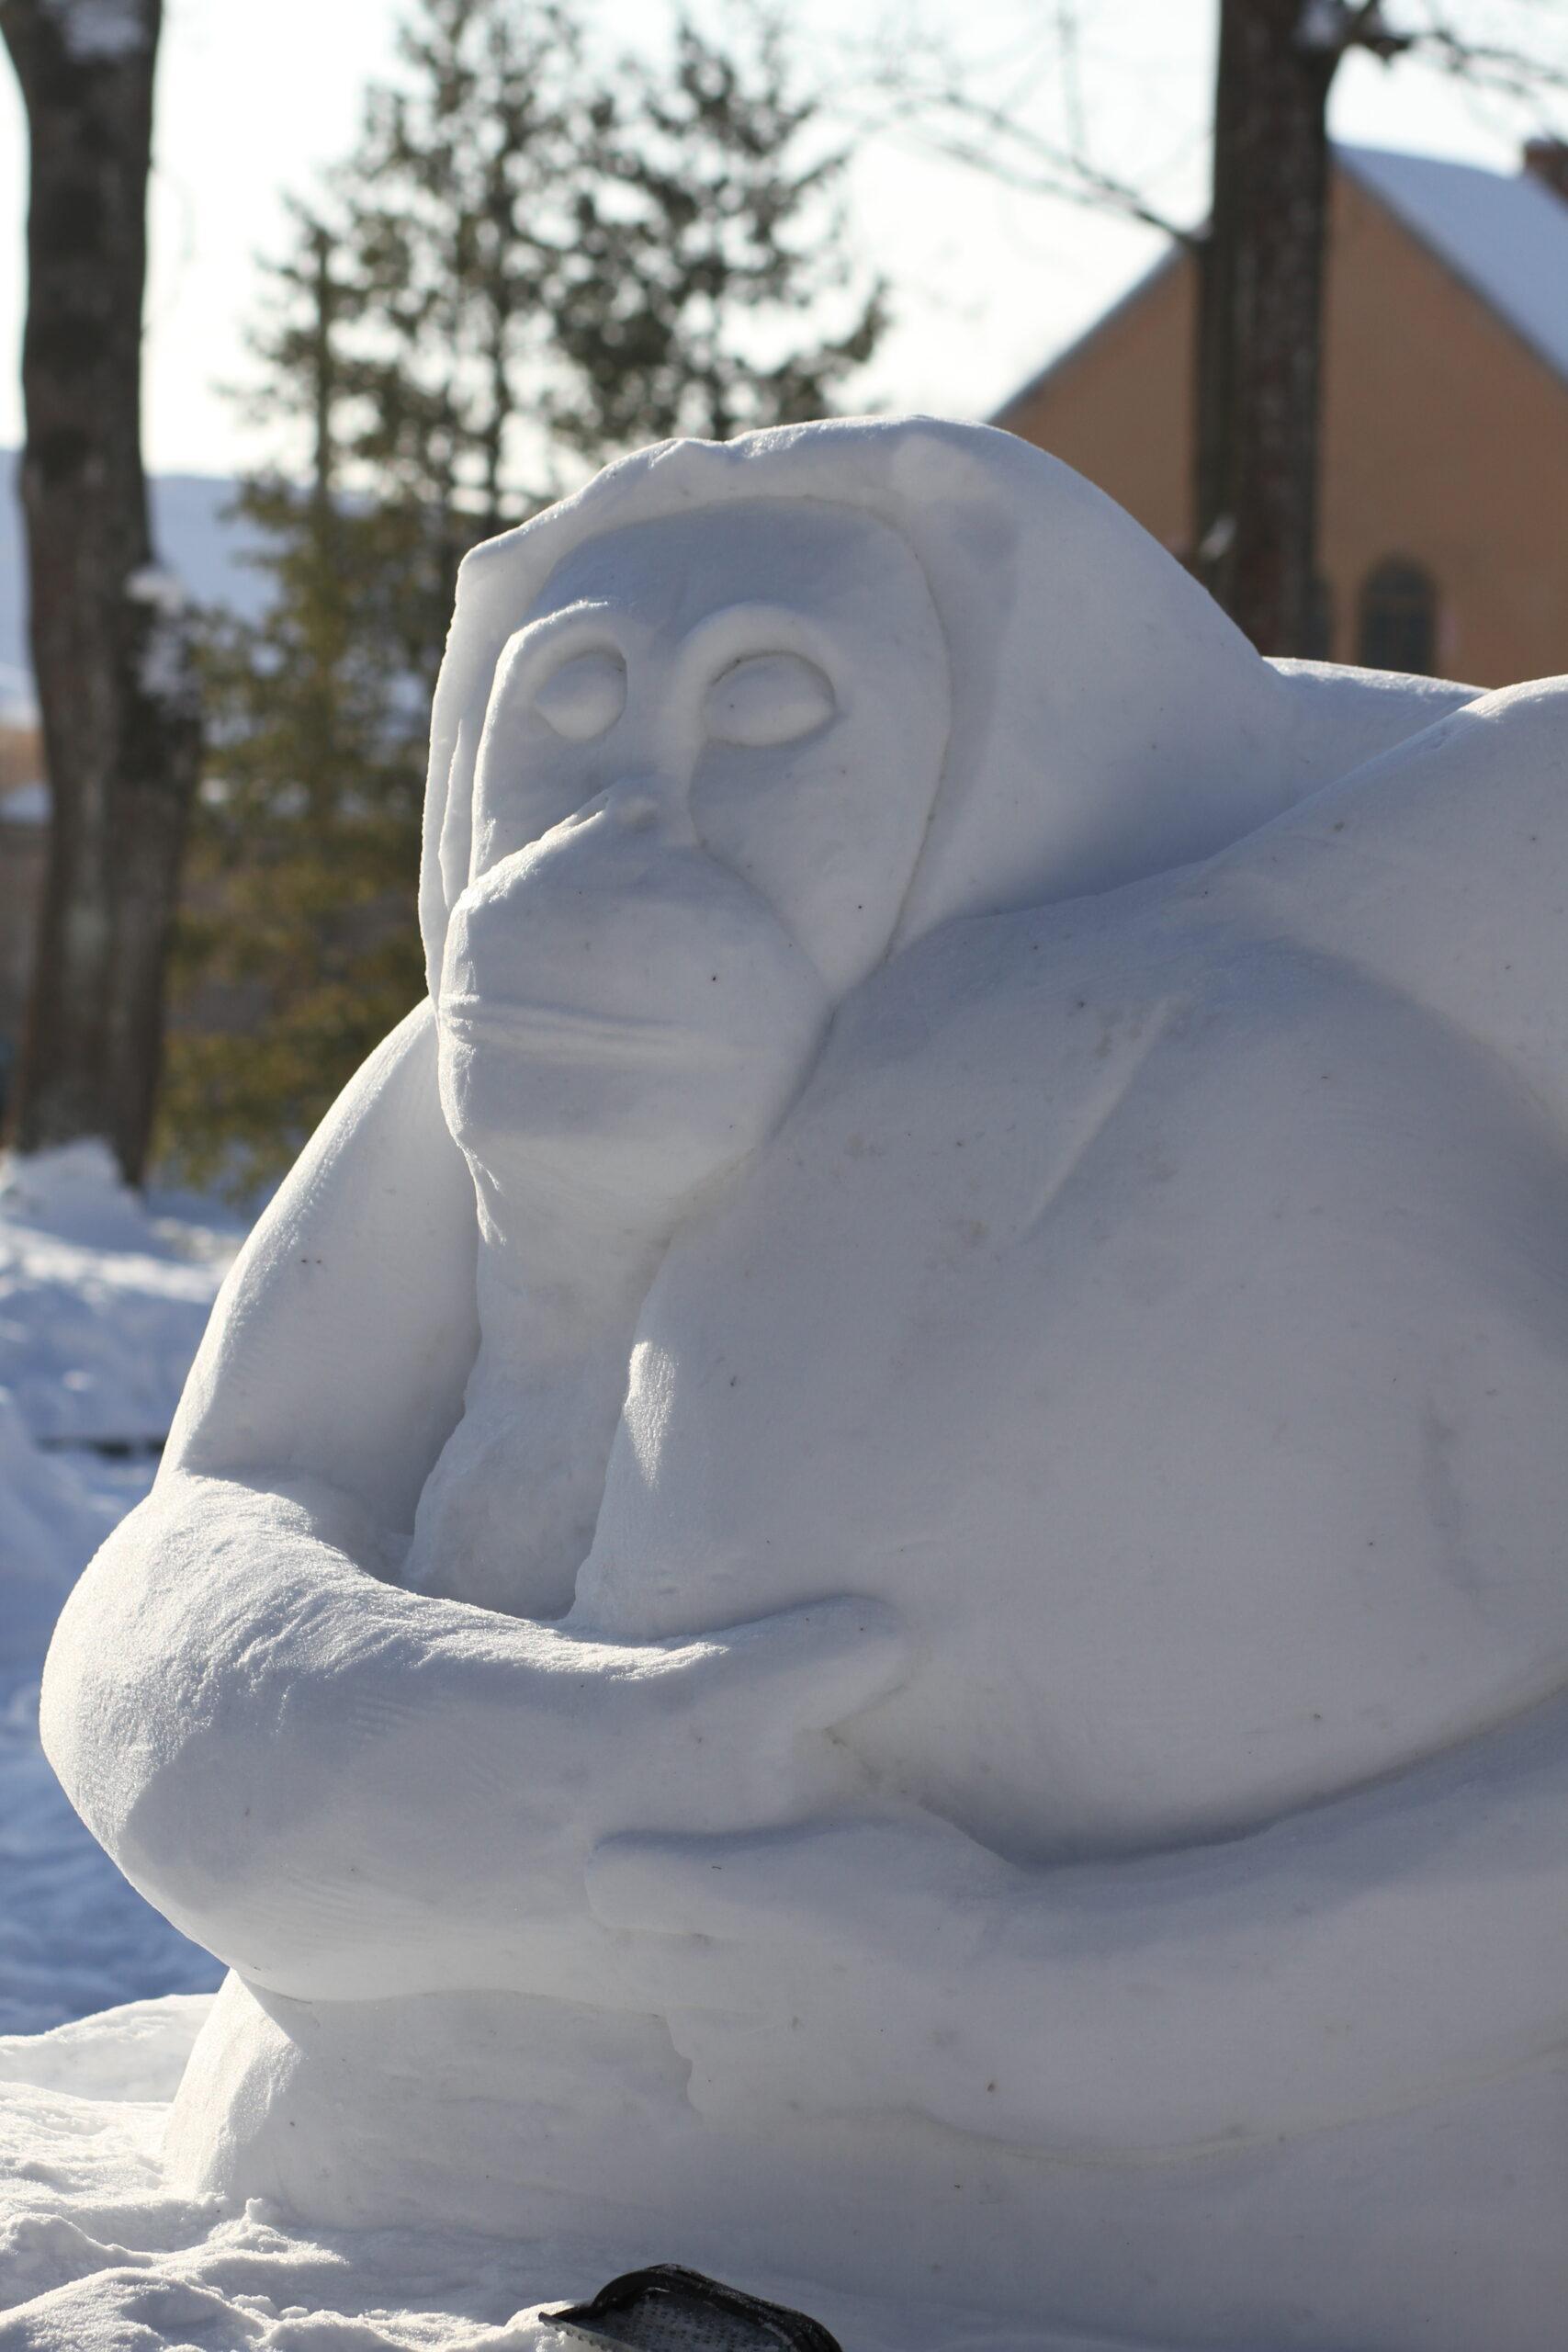 sniego skulptūra (4)